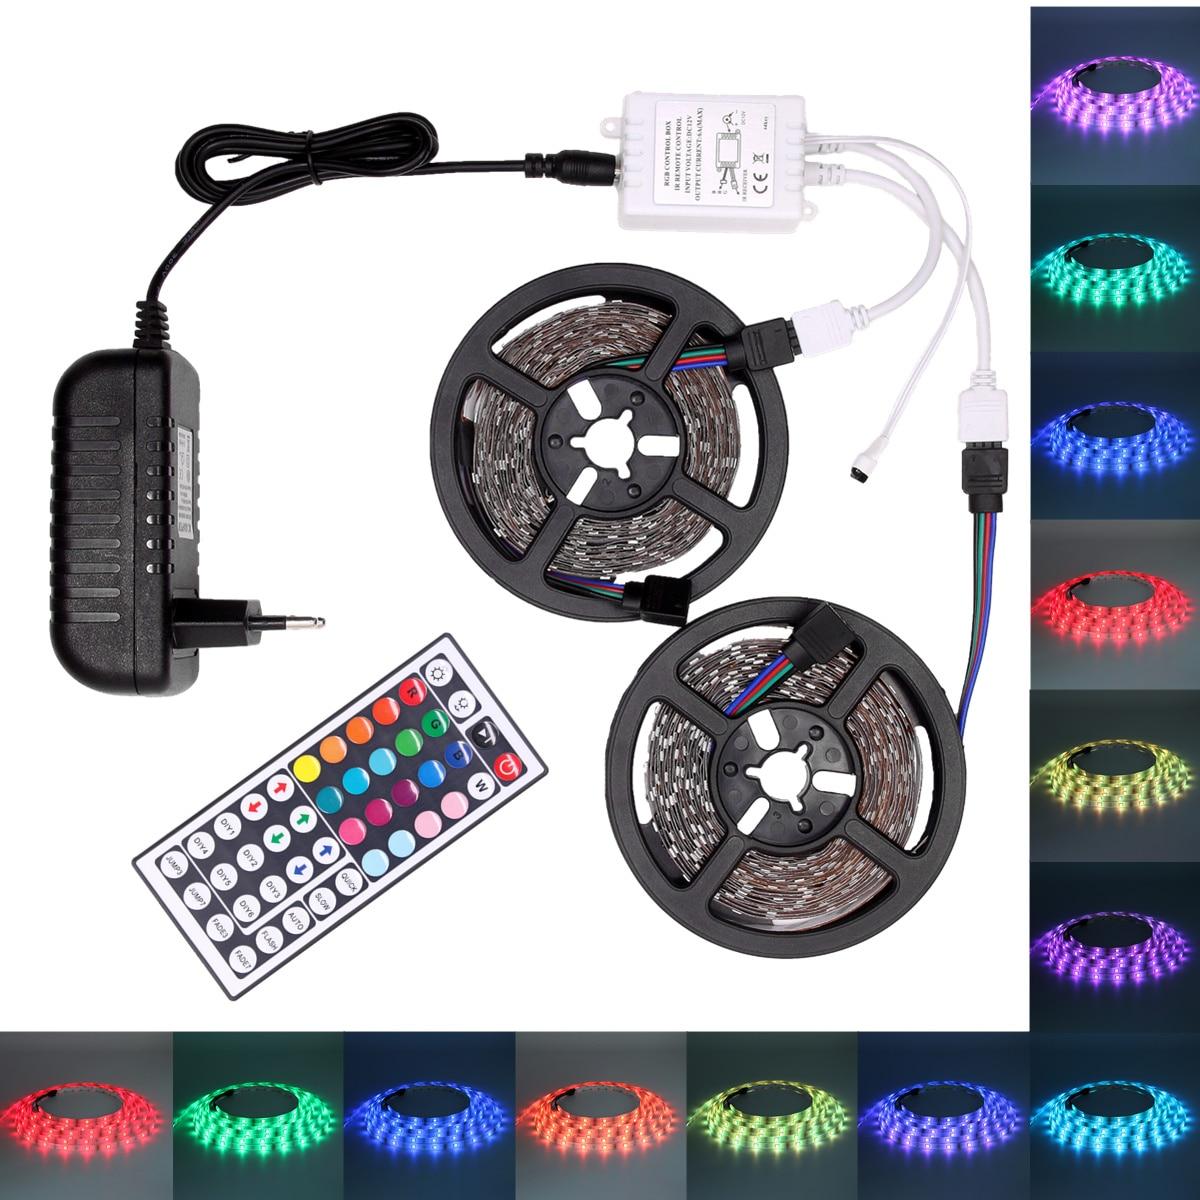 Водонепроницаемая светодиодная лента RGB 5050 с USB, Светодиодная лента/световая лента 5 м, 10 м, гибкая светодиодная лента с контроллером и адапте...